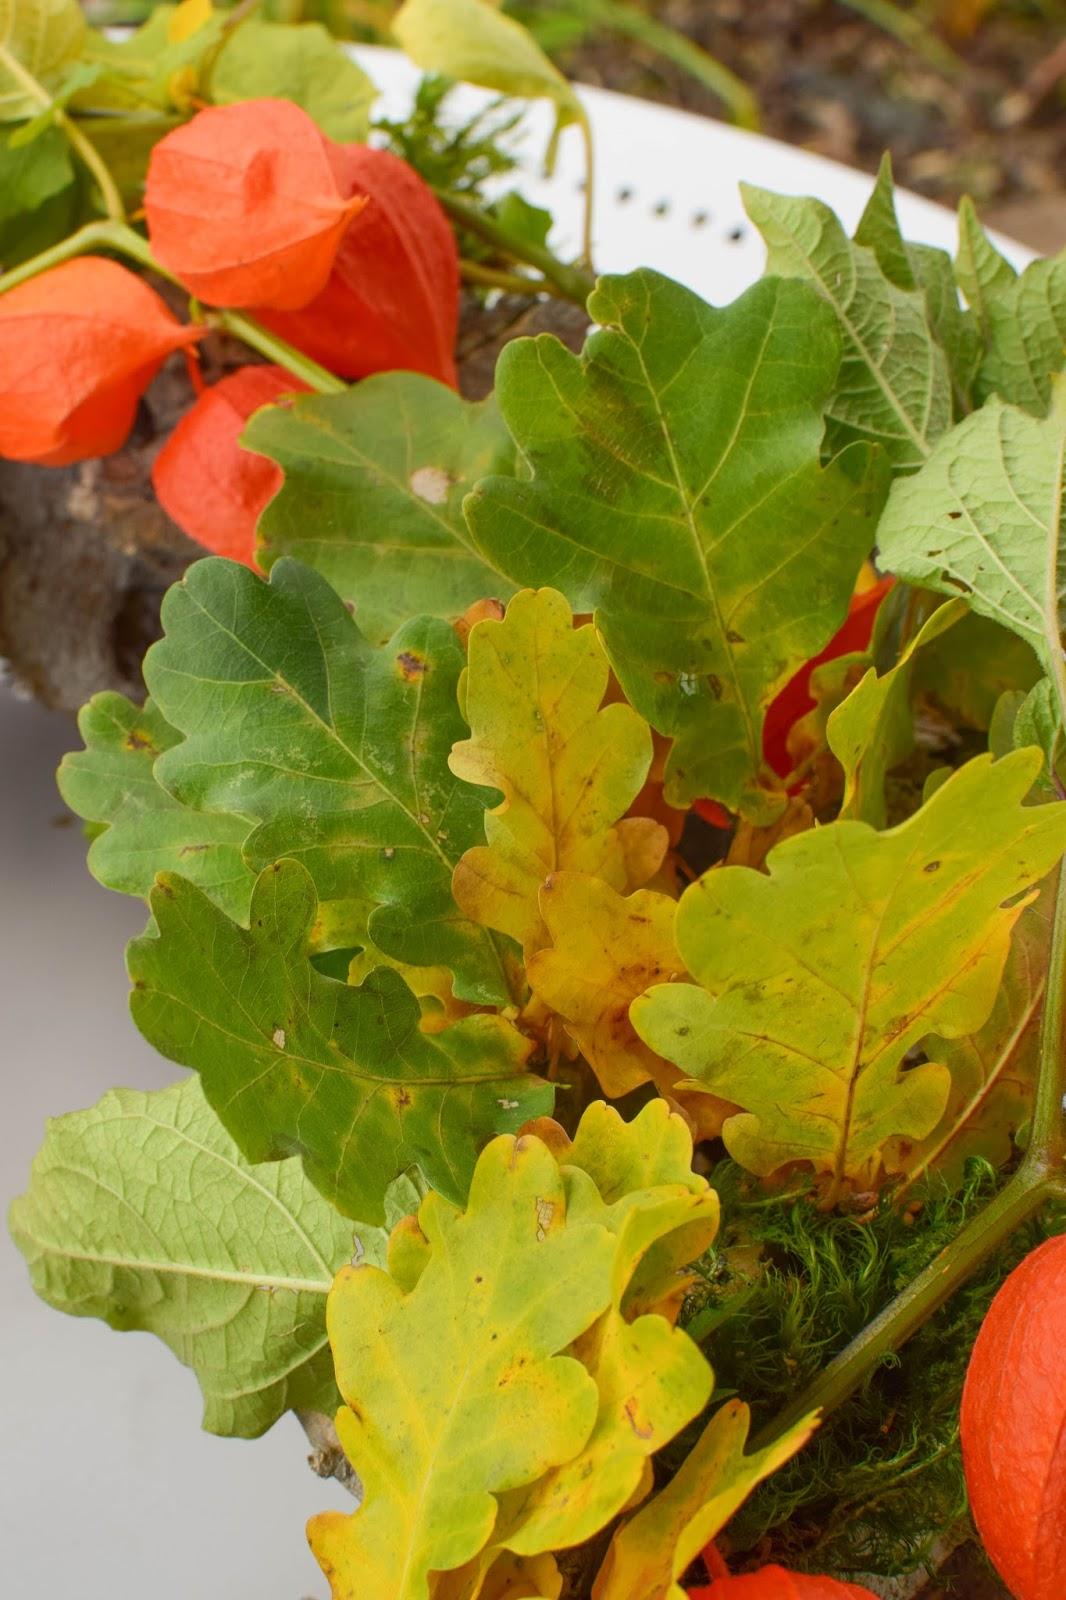 3 Ideen für DIY Kränze für den Herbst: selbermachen Holzkranz Naturdeko Lampionblume Moos Eichenlaub